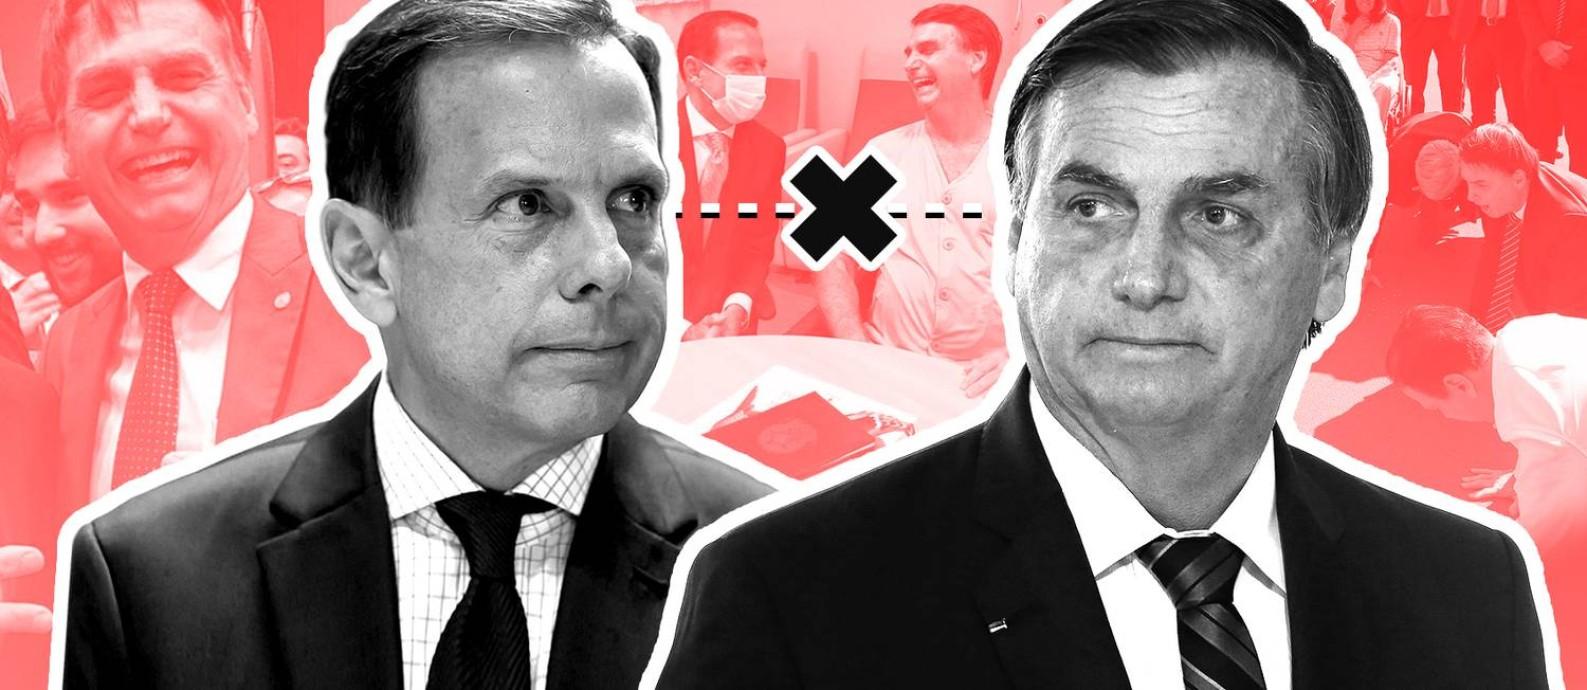 Bolsonaro x Doria: do voto bolsodoria e troca de elogios à guerra política da vacina Foto: Editoria de Arte